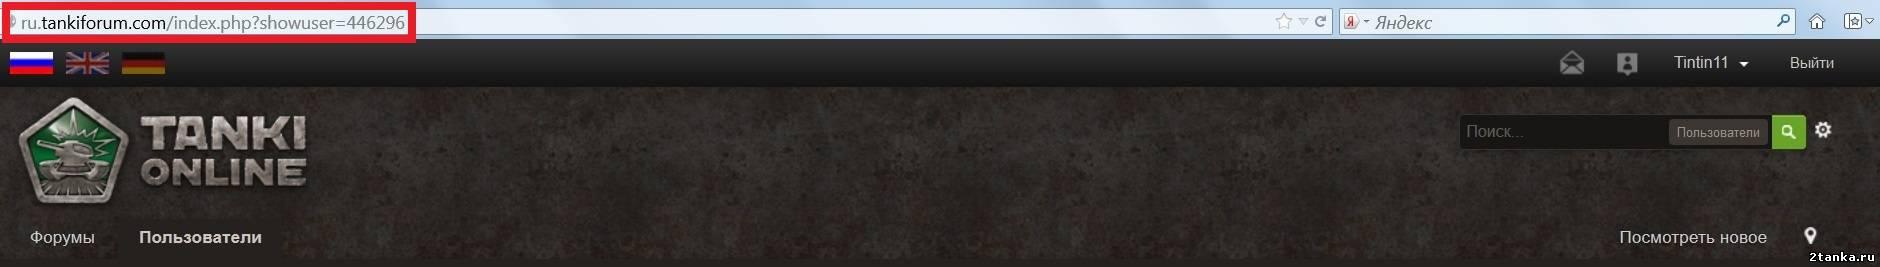 Укажите ссылку на ваш профиль на форуме «Танков Онлайн»